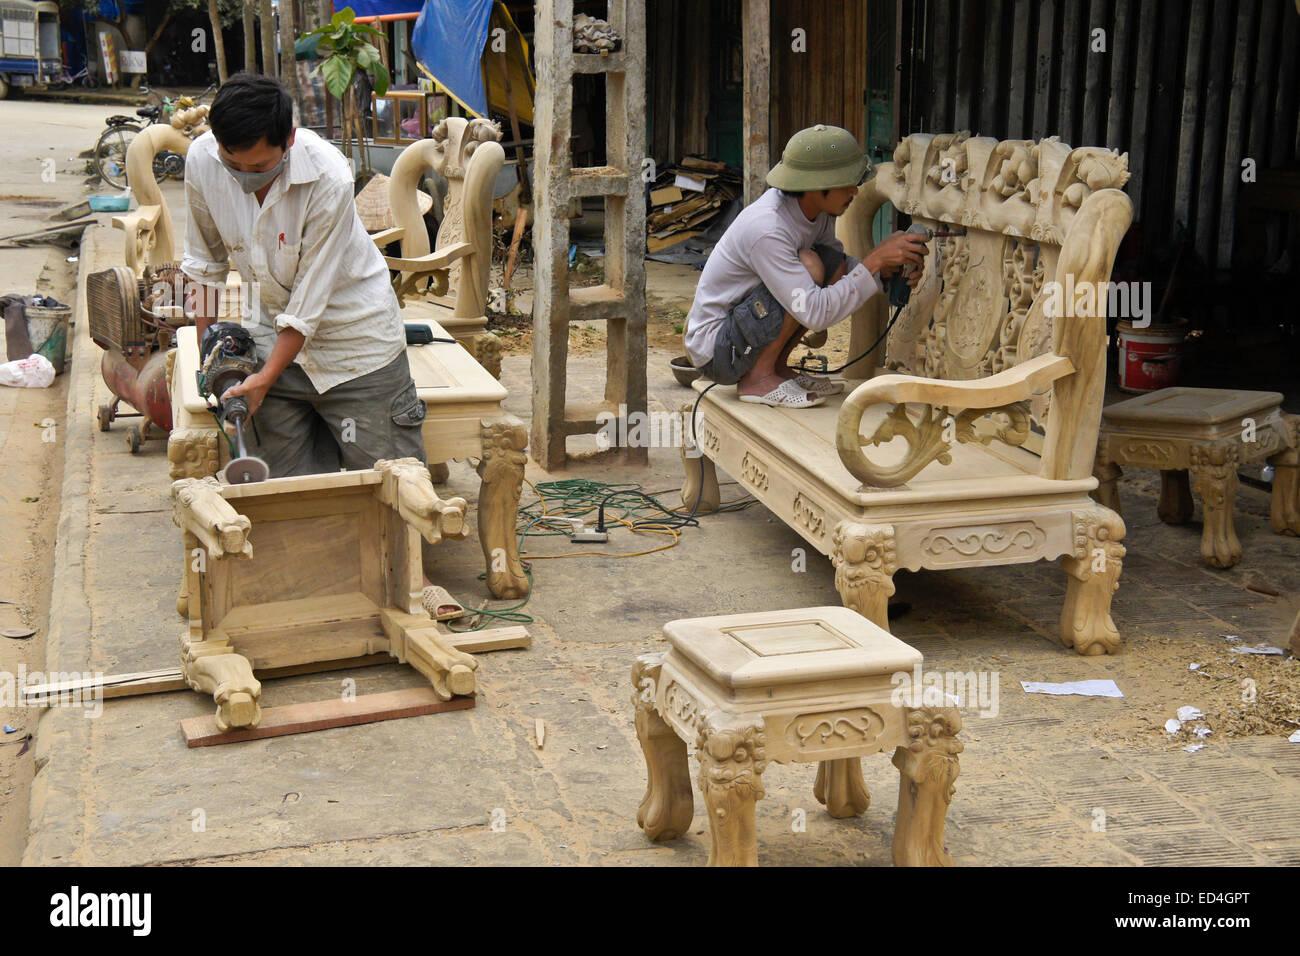 Craftsmen making furniture on street, Bac Ha, Sapa (Sa Pa), Vietnam - Stock Image